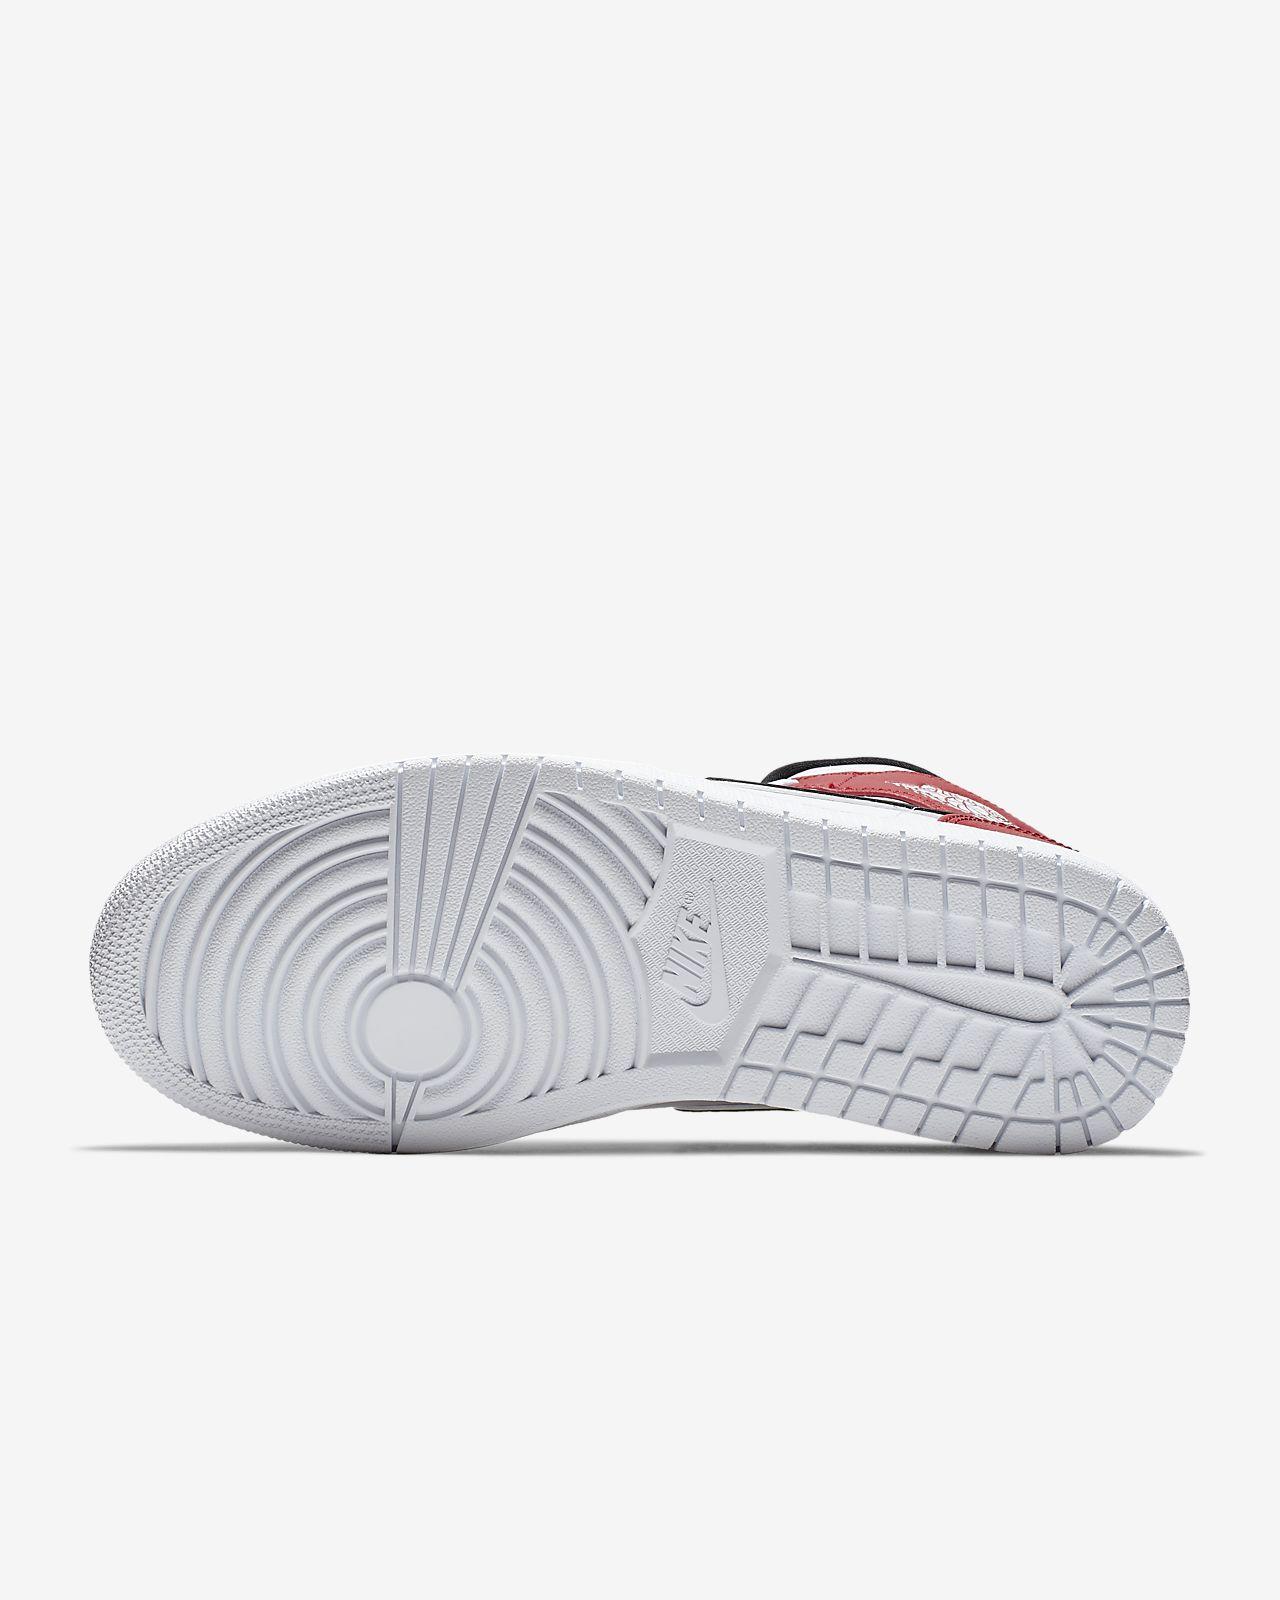 wholesale dealer 176bd c4e0c ... Chaussure Air Jordan 1 Mid pour Homme